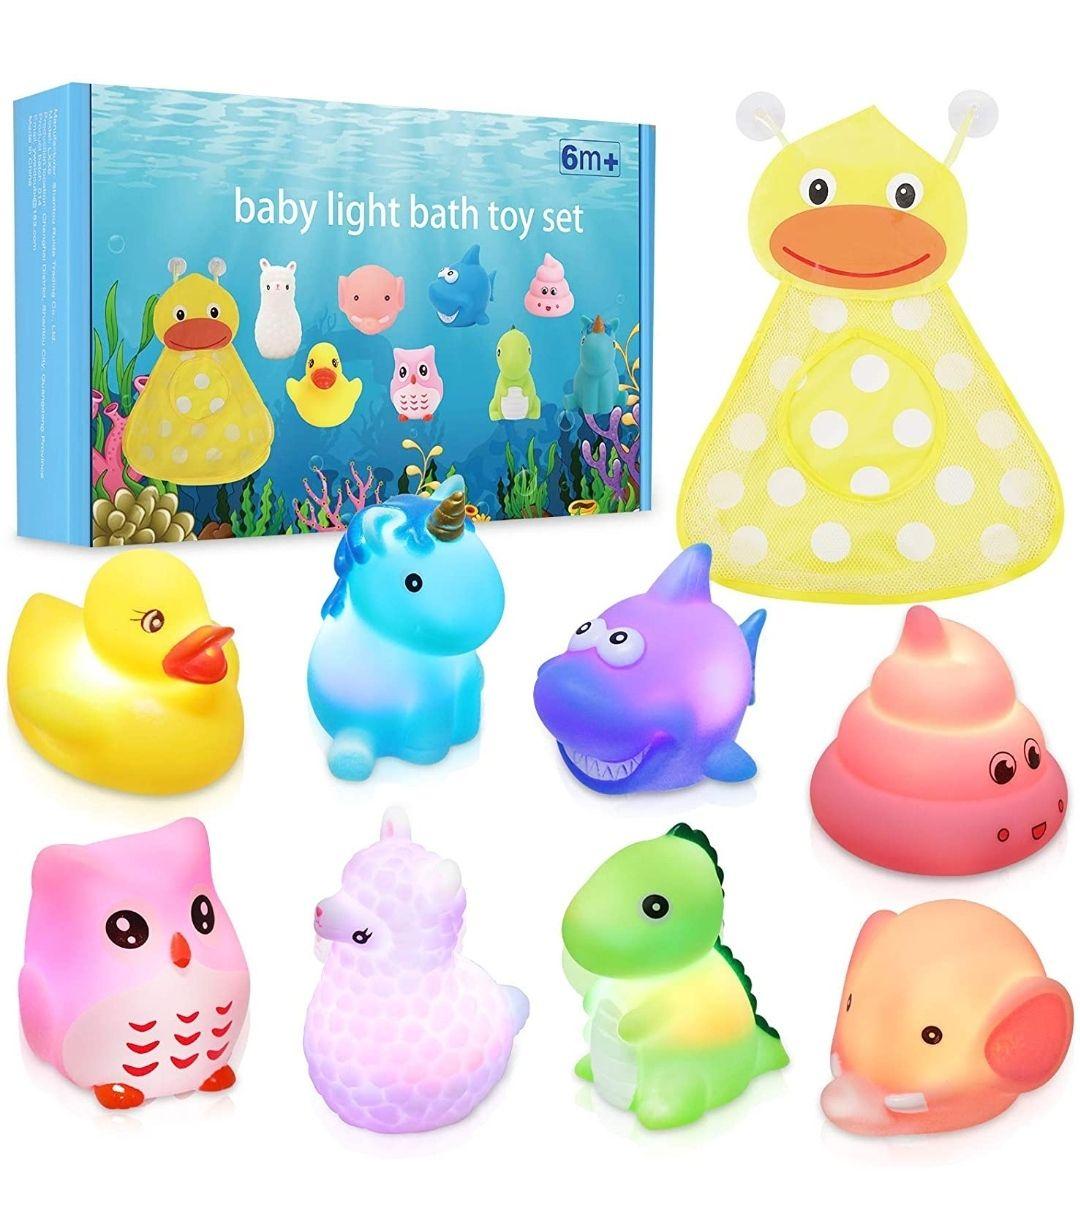 Juguetes de Baño Luminosos para Bebé Niños. 8 piezas